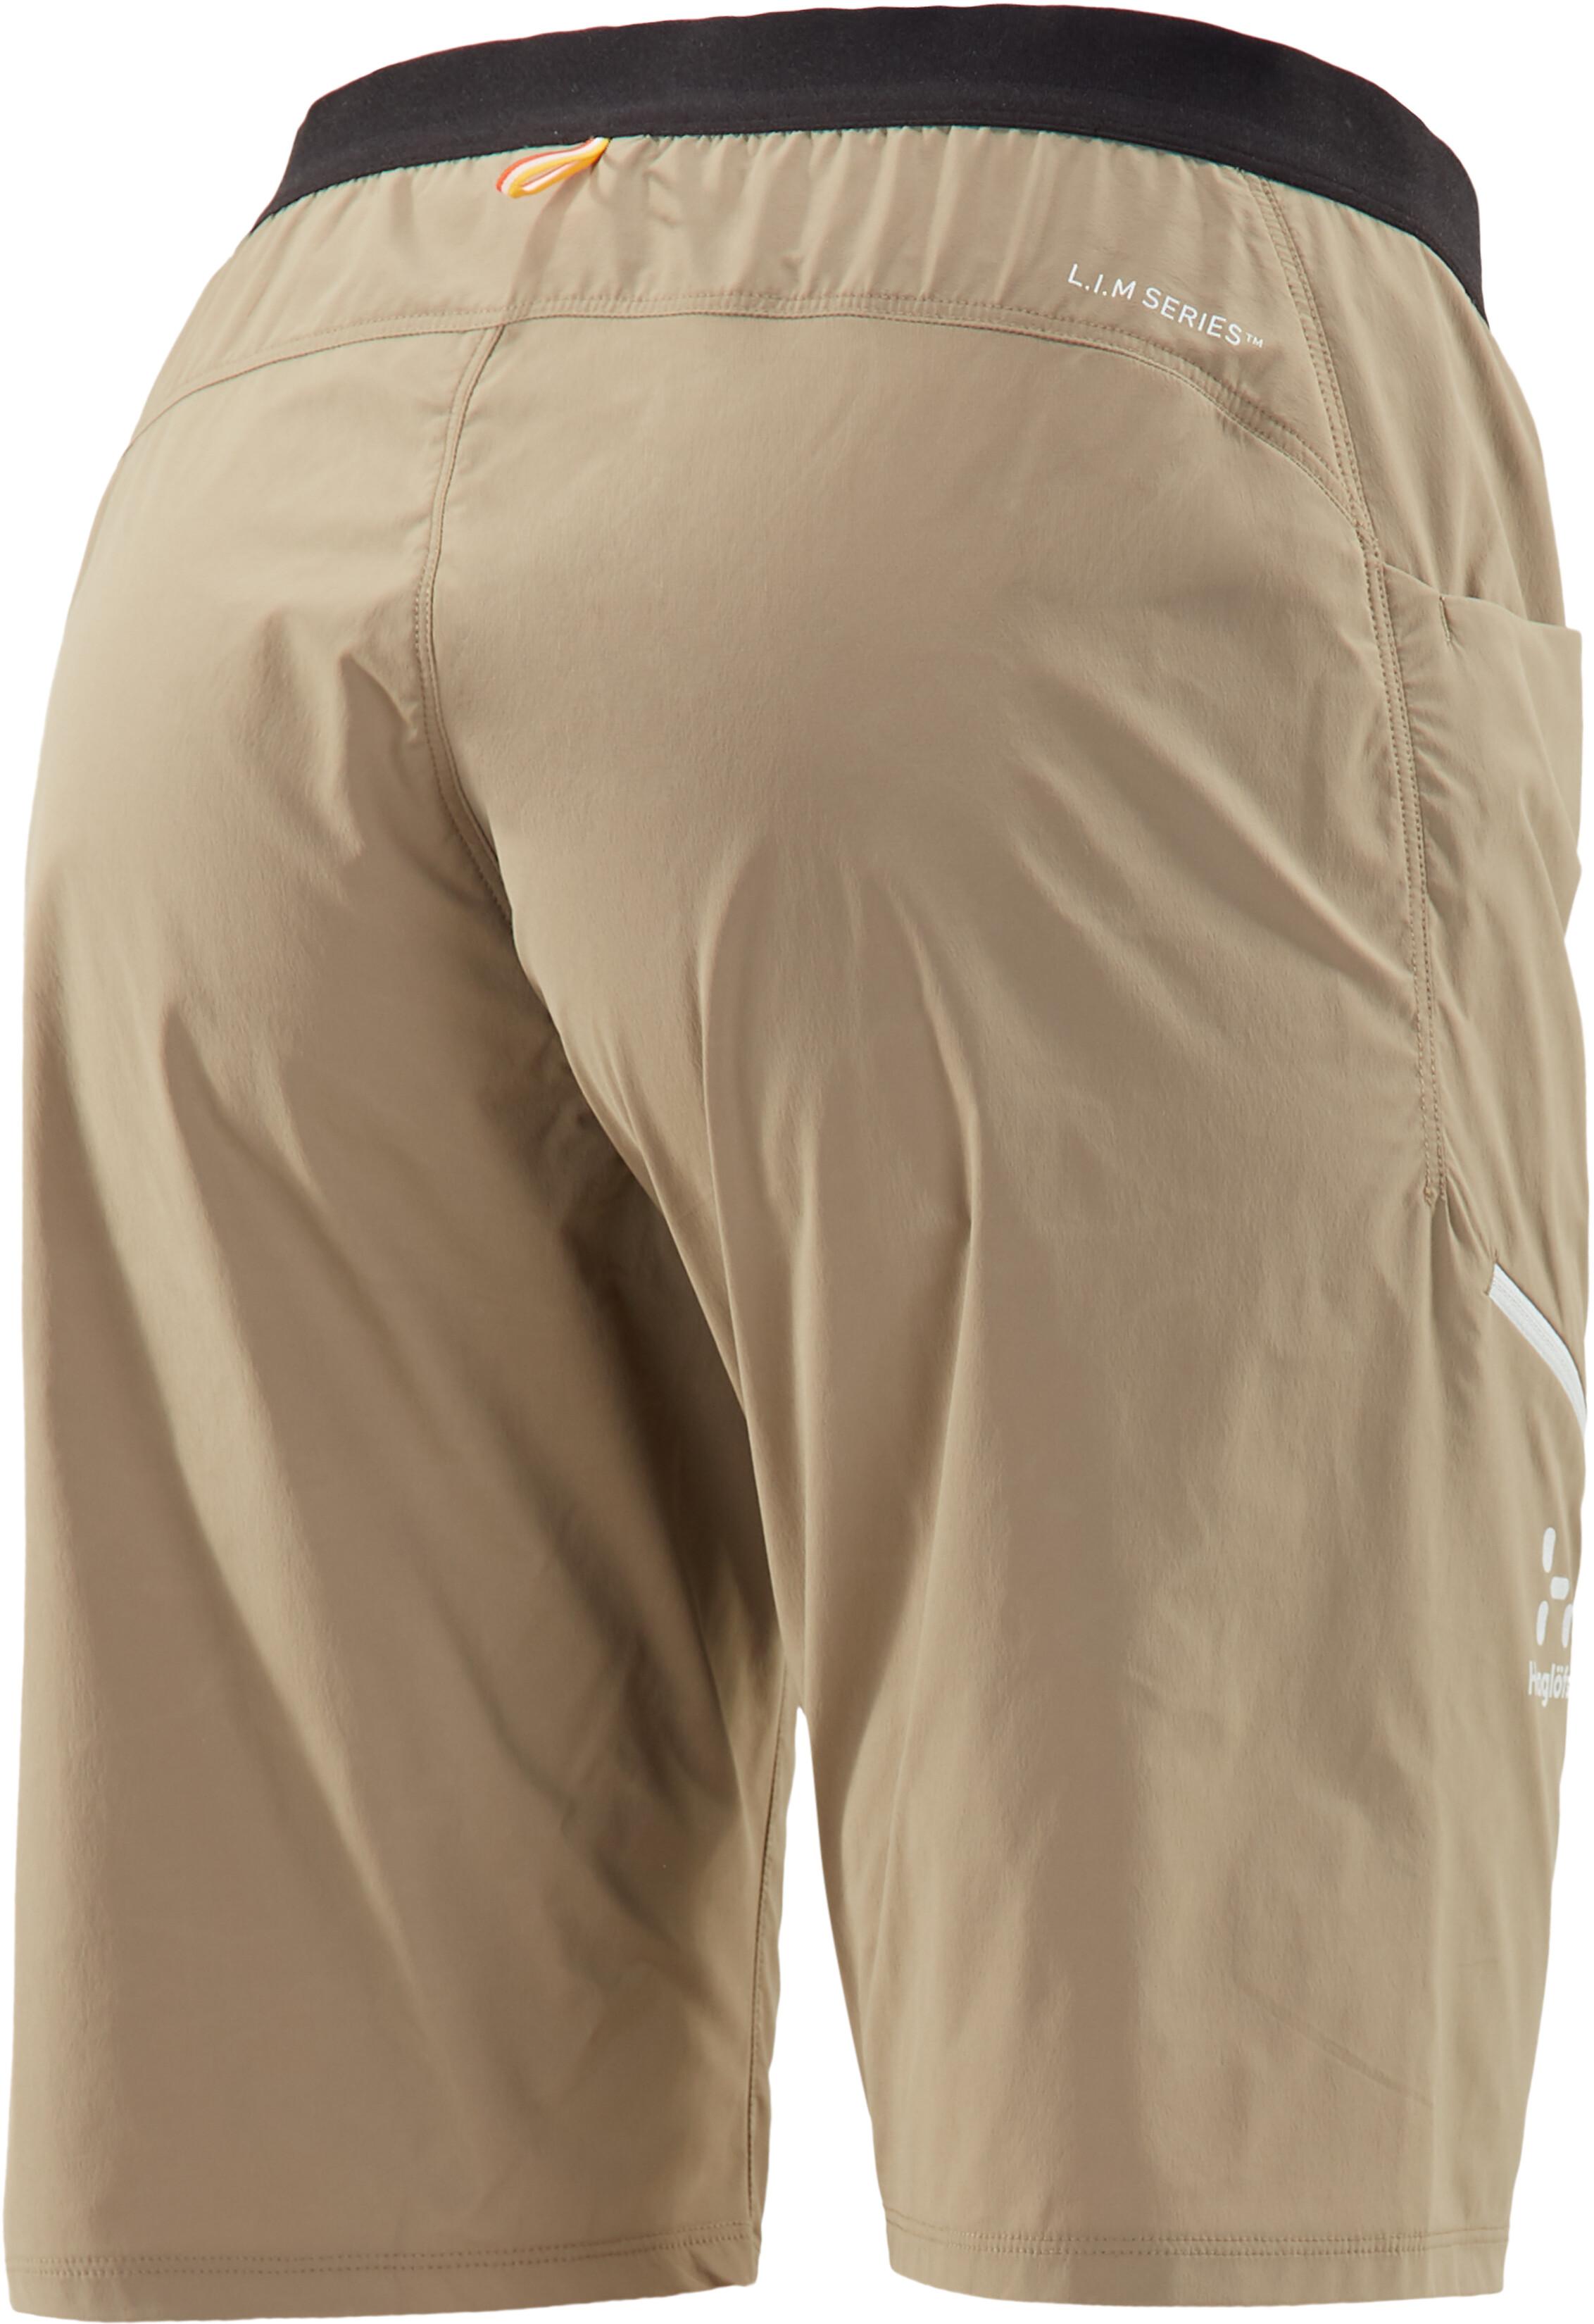 234785dfeb5 Haglöfs L.I.M Fuse Bukser korte Damer, dune | Find outdoortøj, sko ...